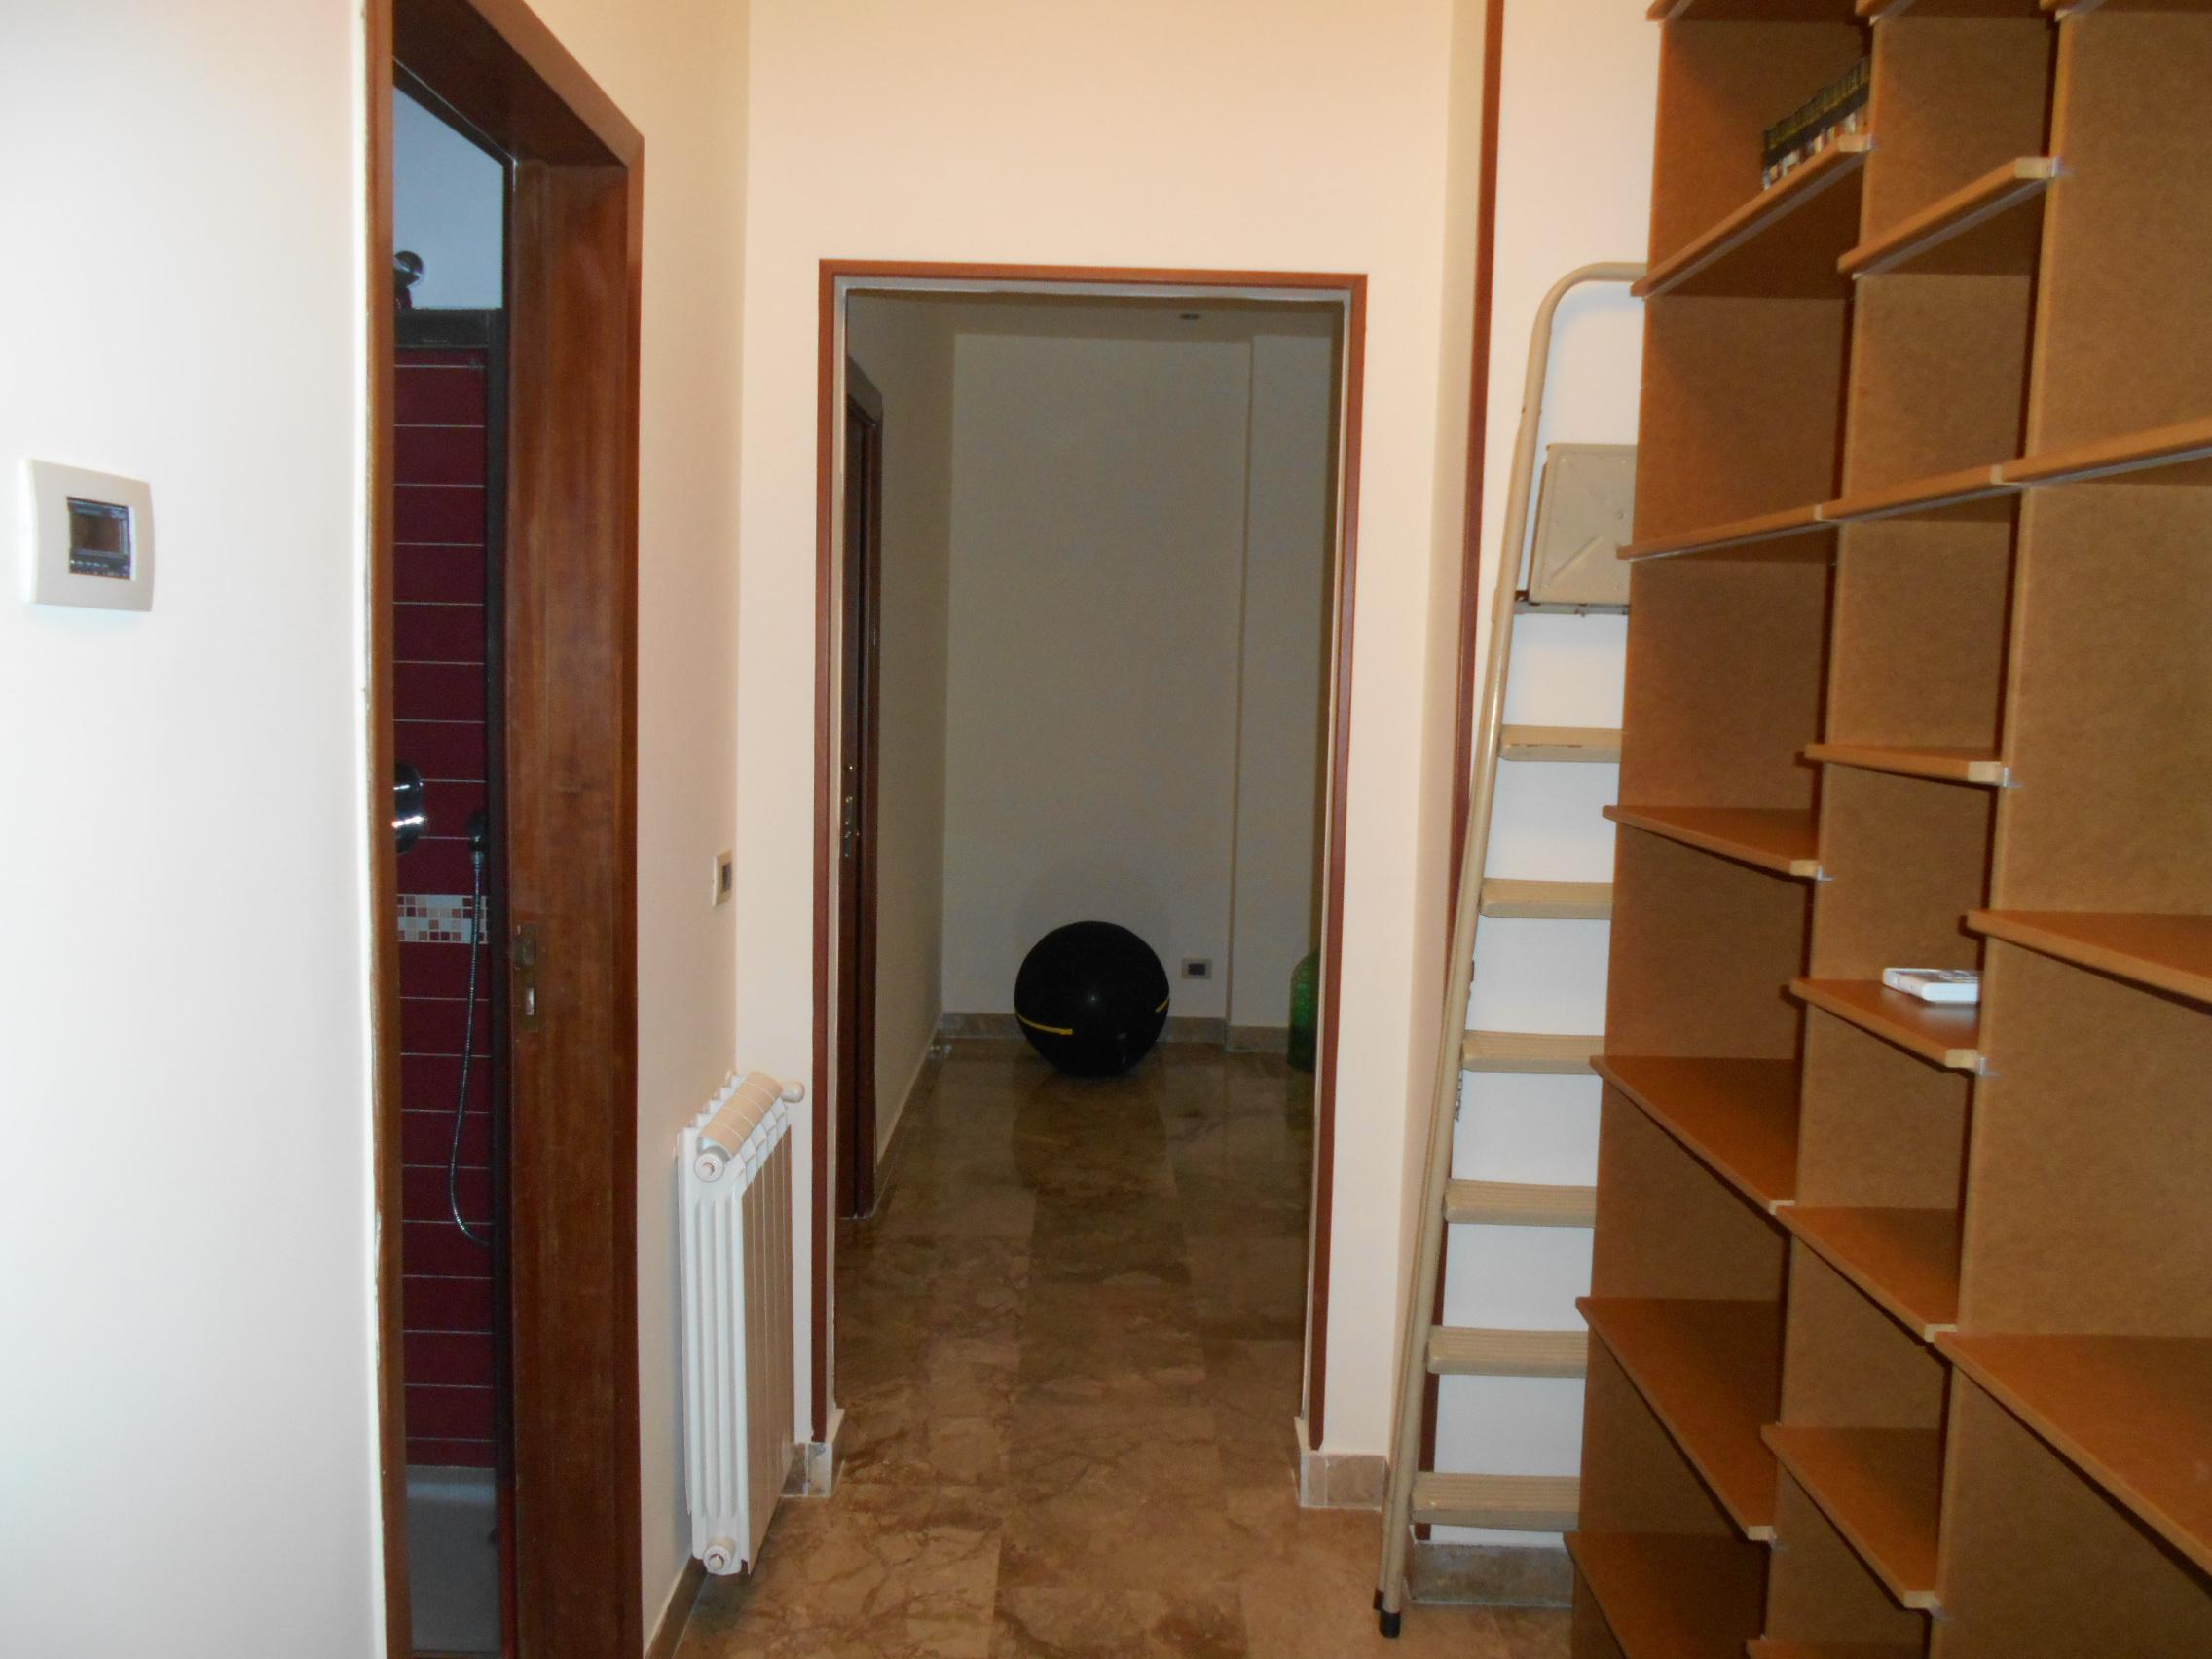 Negozi in affitto a messina in zona centro storico cerca for Centro lombardo mobili